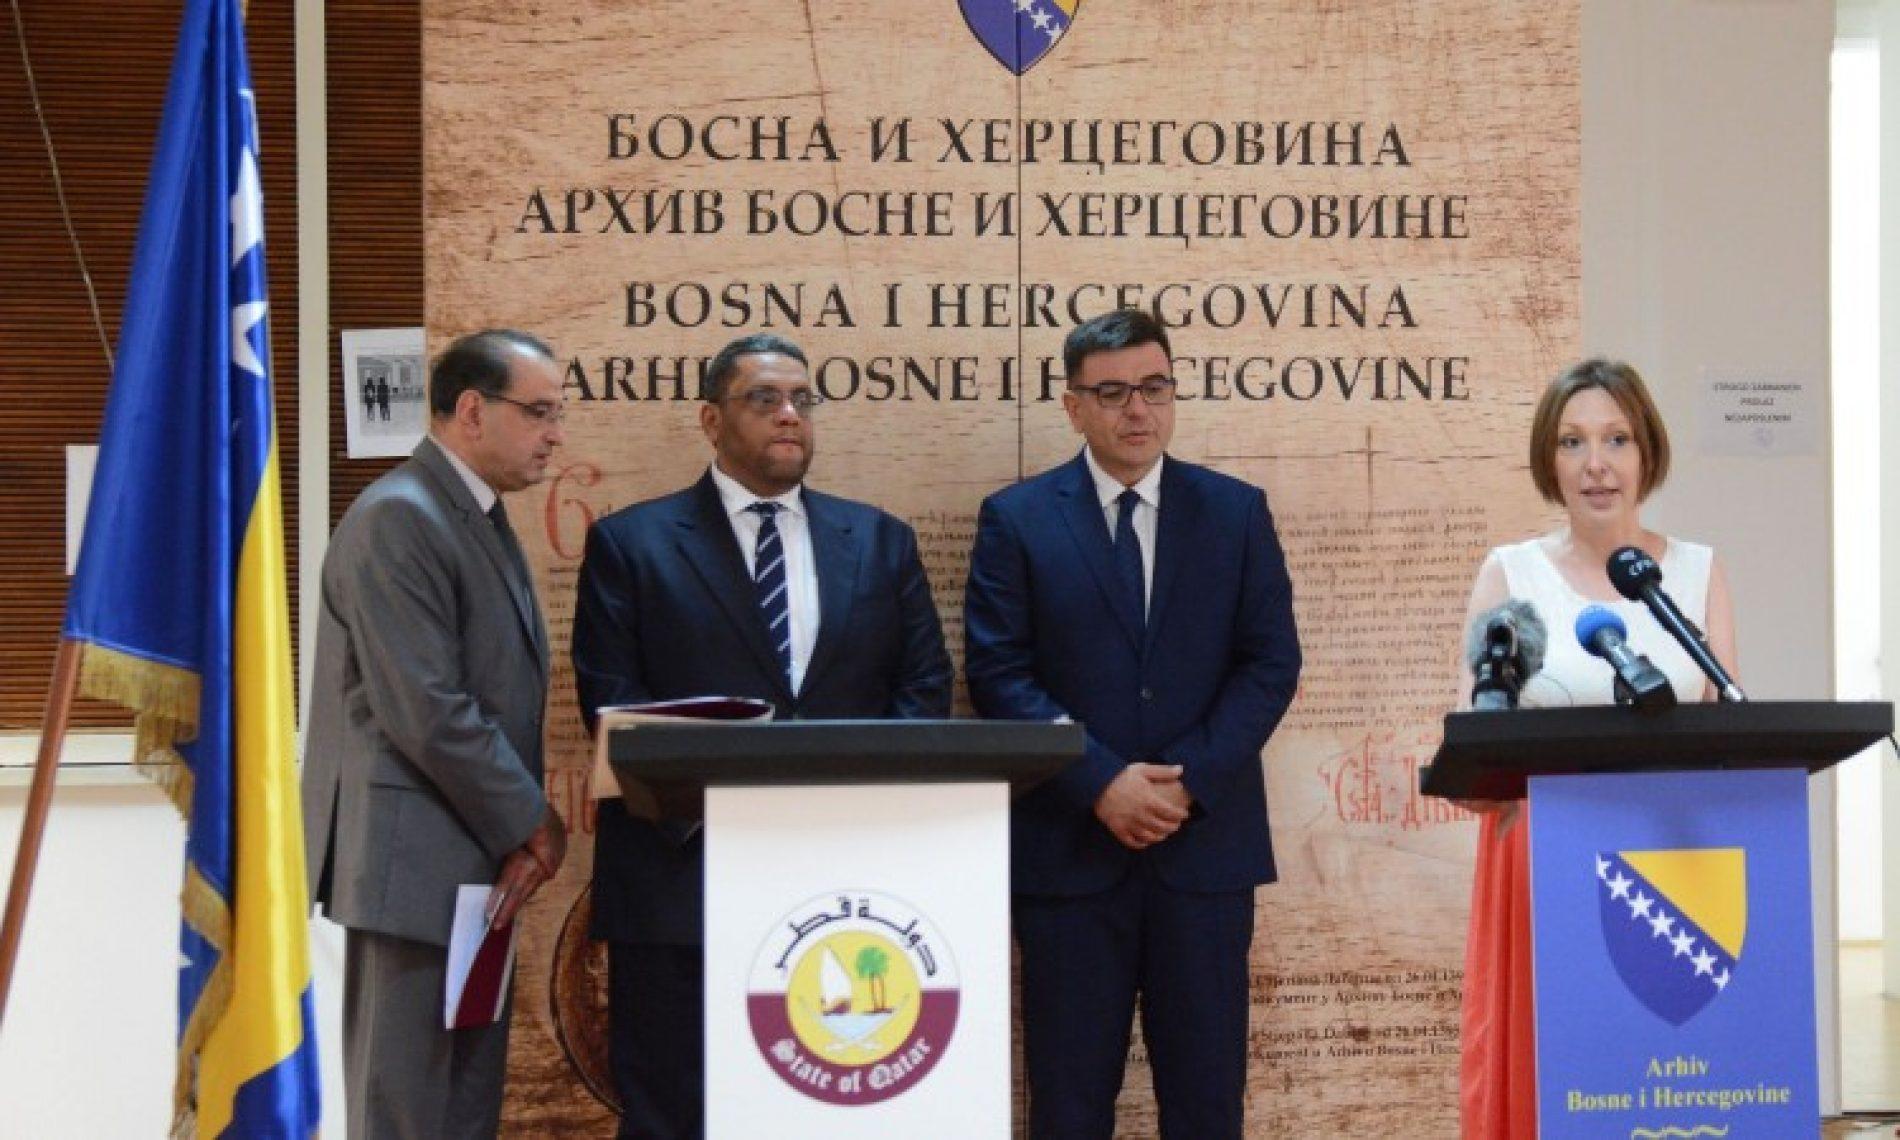 Katar donacijom pomaže rekonstrukciju depoa Arhiva  Bosne i Hercegovine